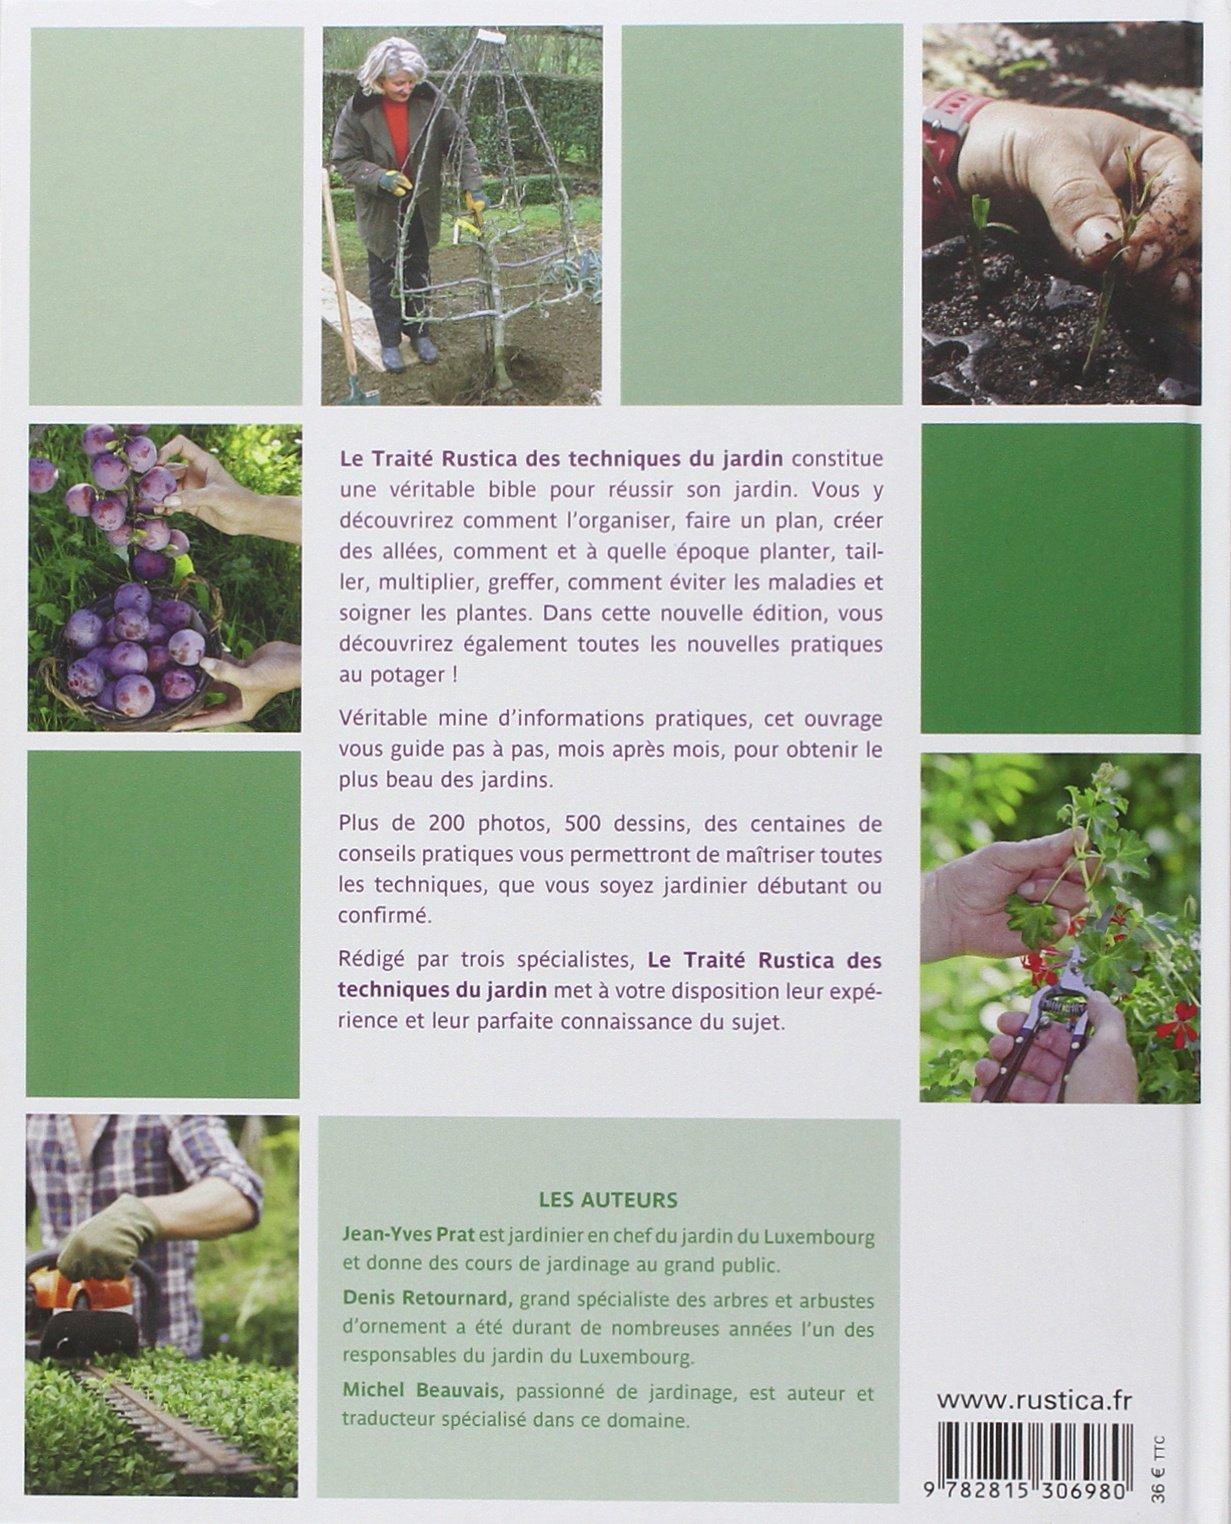 rustica jardinage quelle forme duarbre fruitier convient votre jardin il y en a forcment une. Black Bedroom Furniture Sets. Home Design Ideas